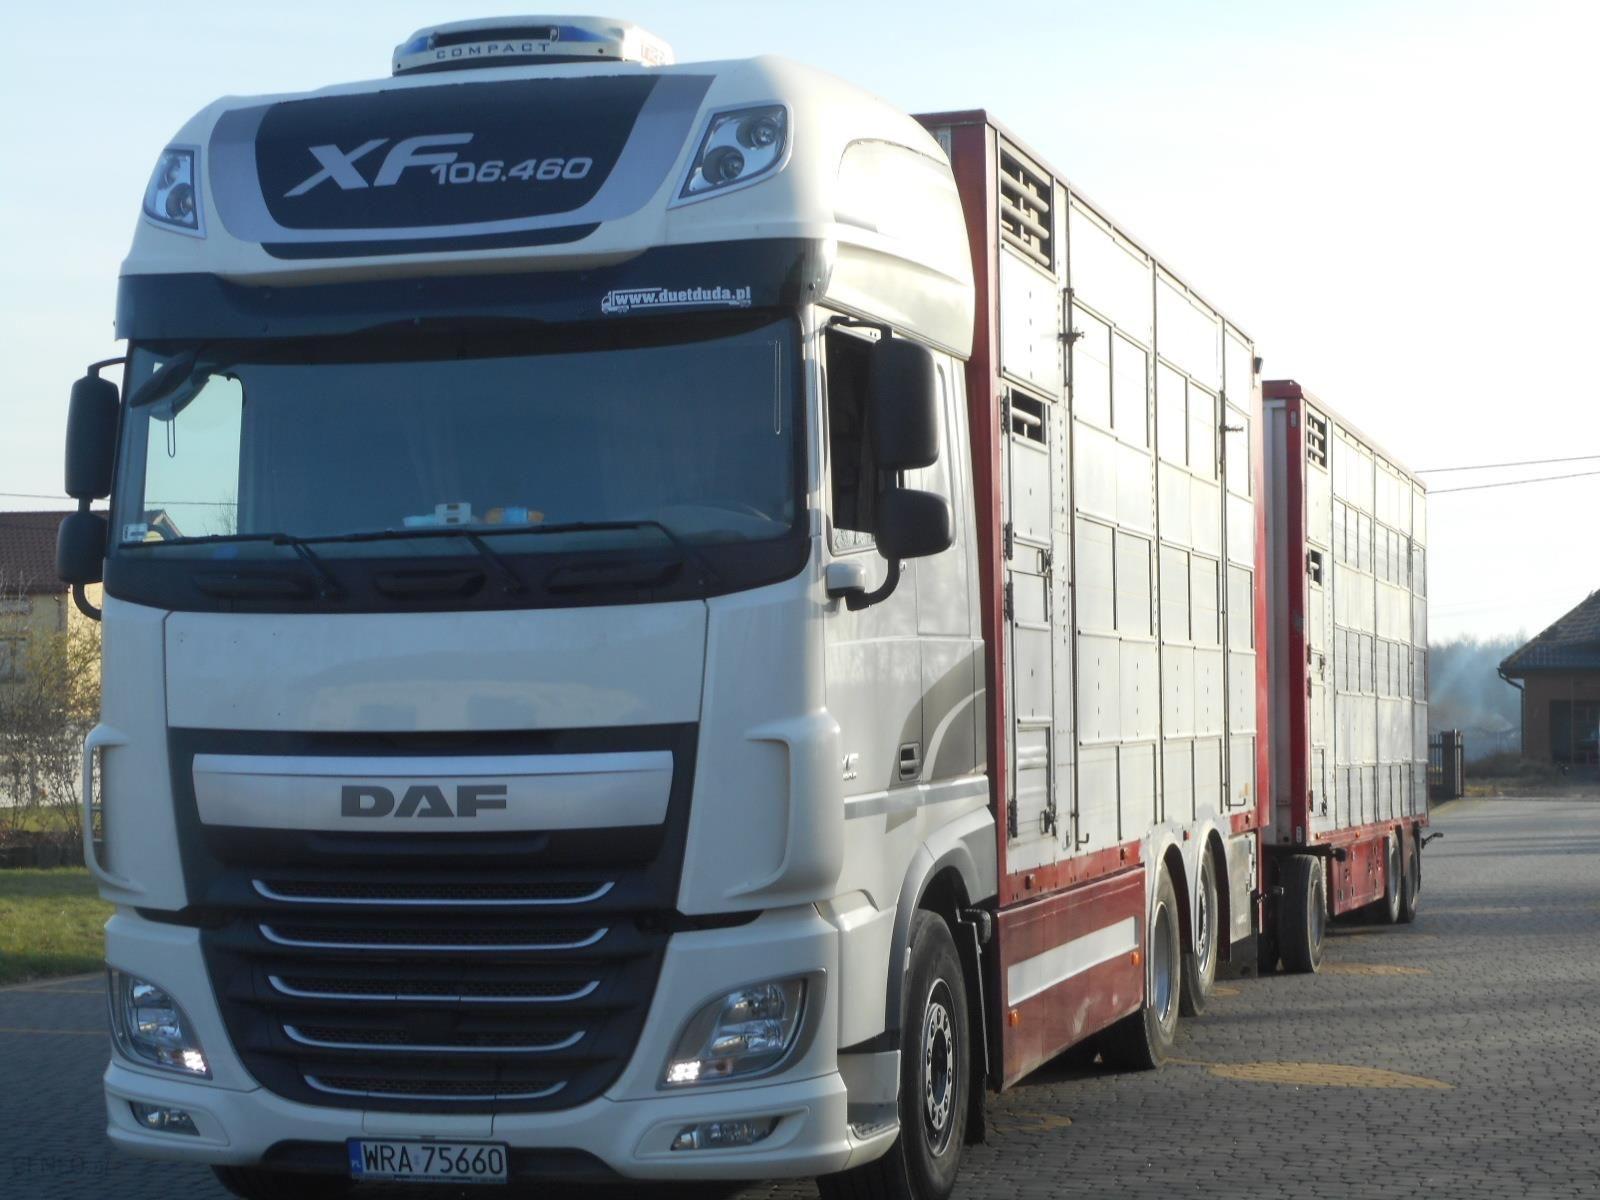 Zupełnie nowe DAF 460 EURO 6 DO ŻYWCA ZESTAW WAGA!!! - Opinie i ceny na Ceneo.pl PT85